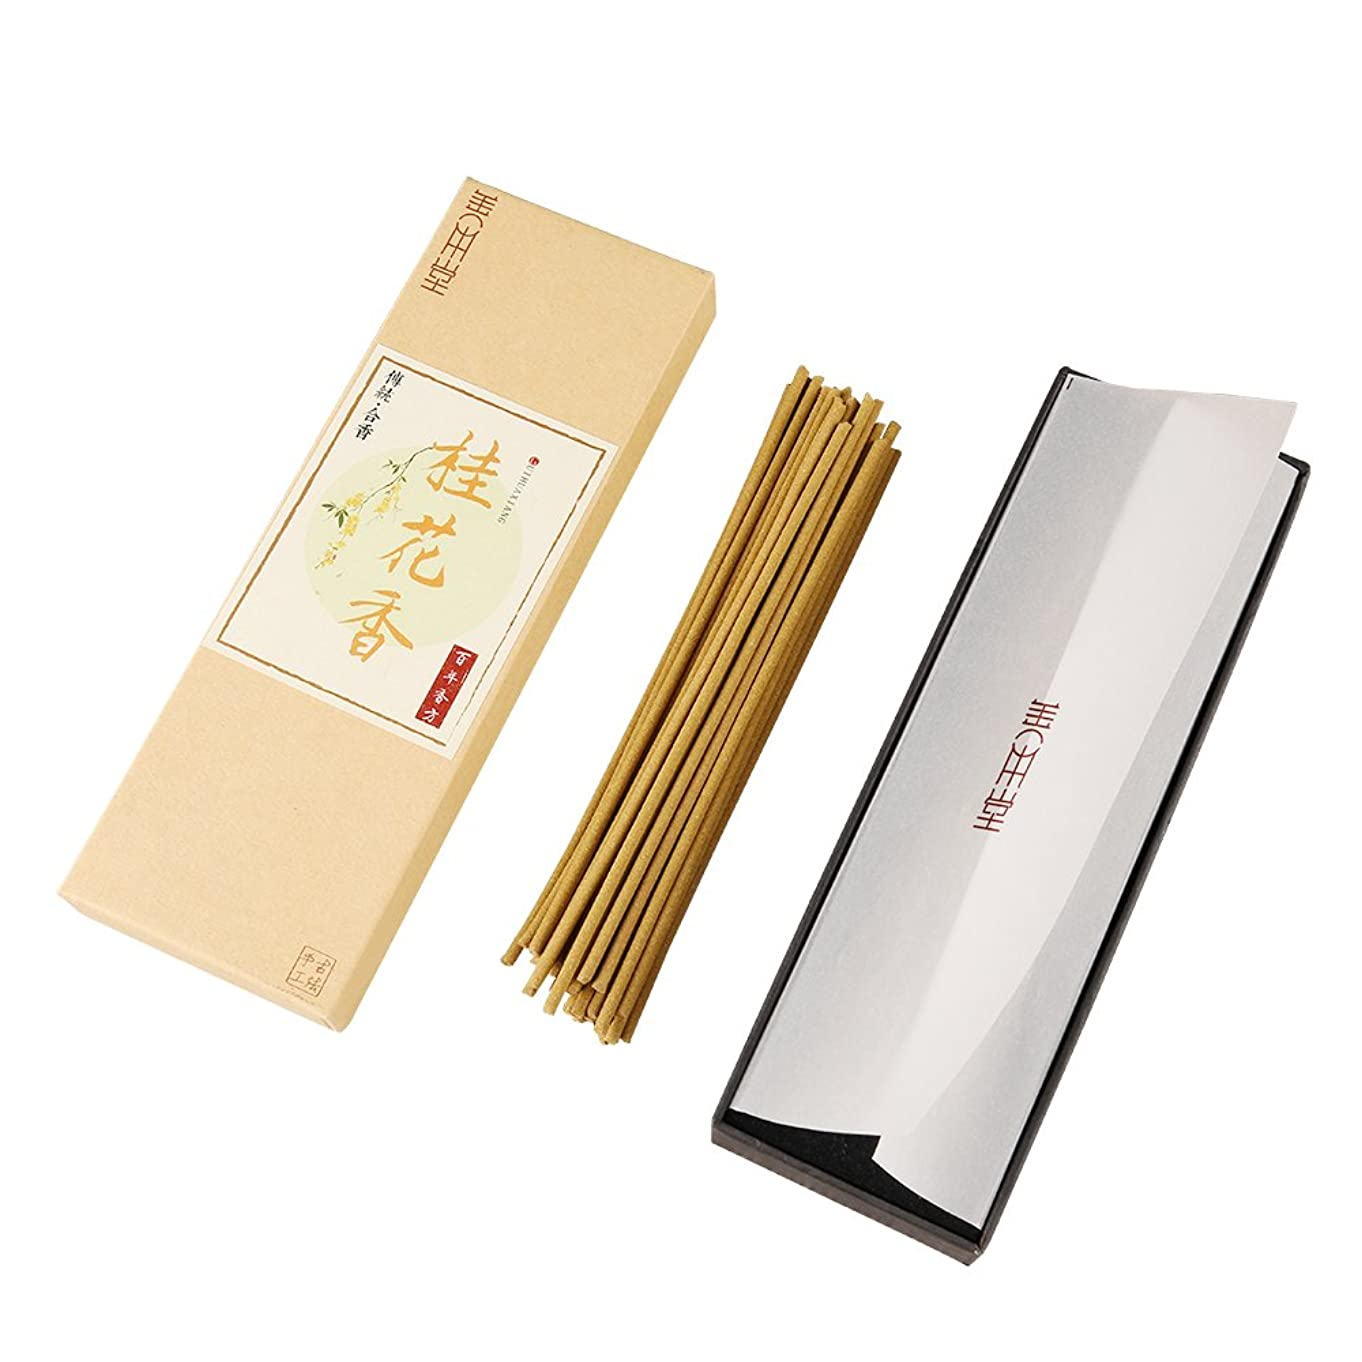 無人交渉する聡明shanbentang Incense Sticks、純粋な自然手作りお香、sweet-scented Osmanthus 's Fragrance、プレミアム品質(5.5?in/50?sticks)